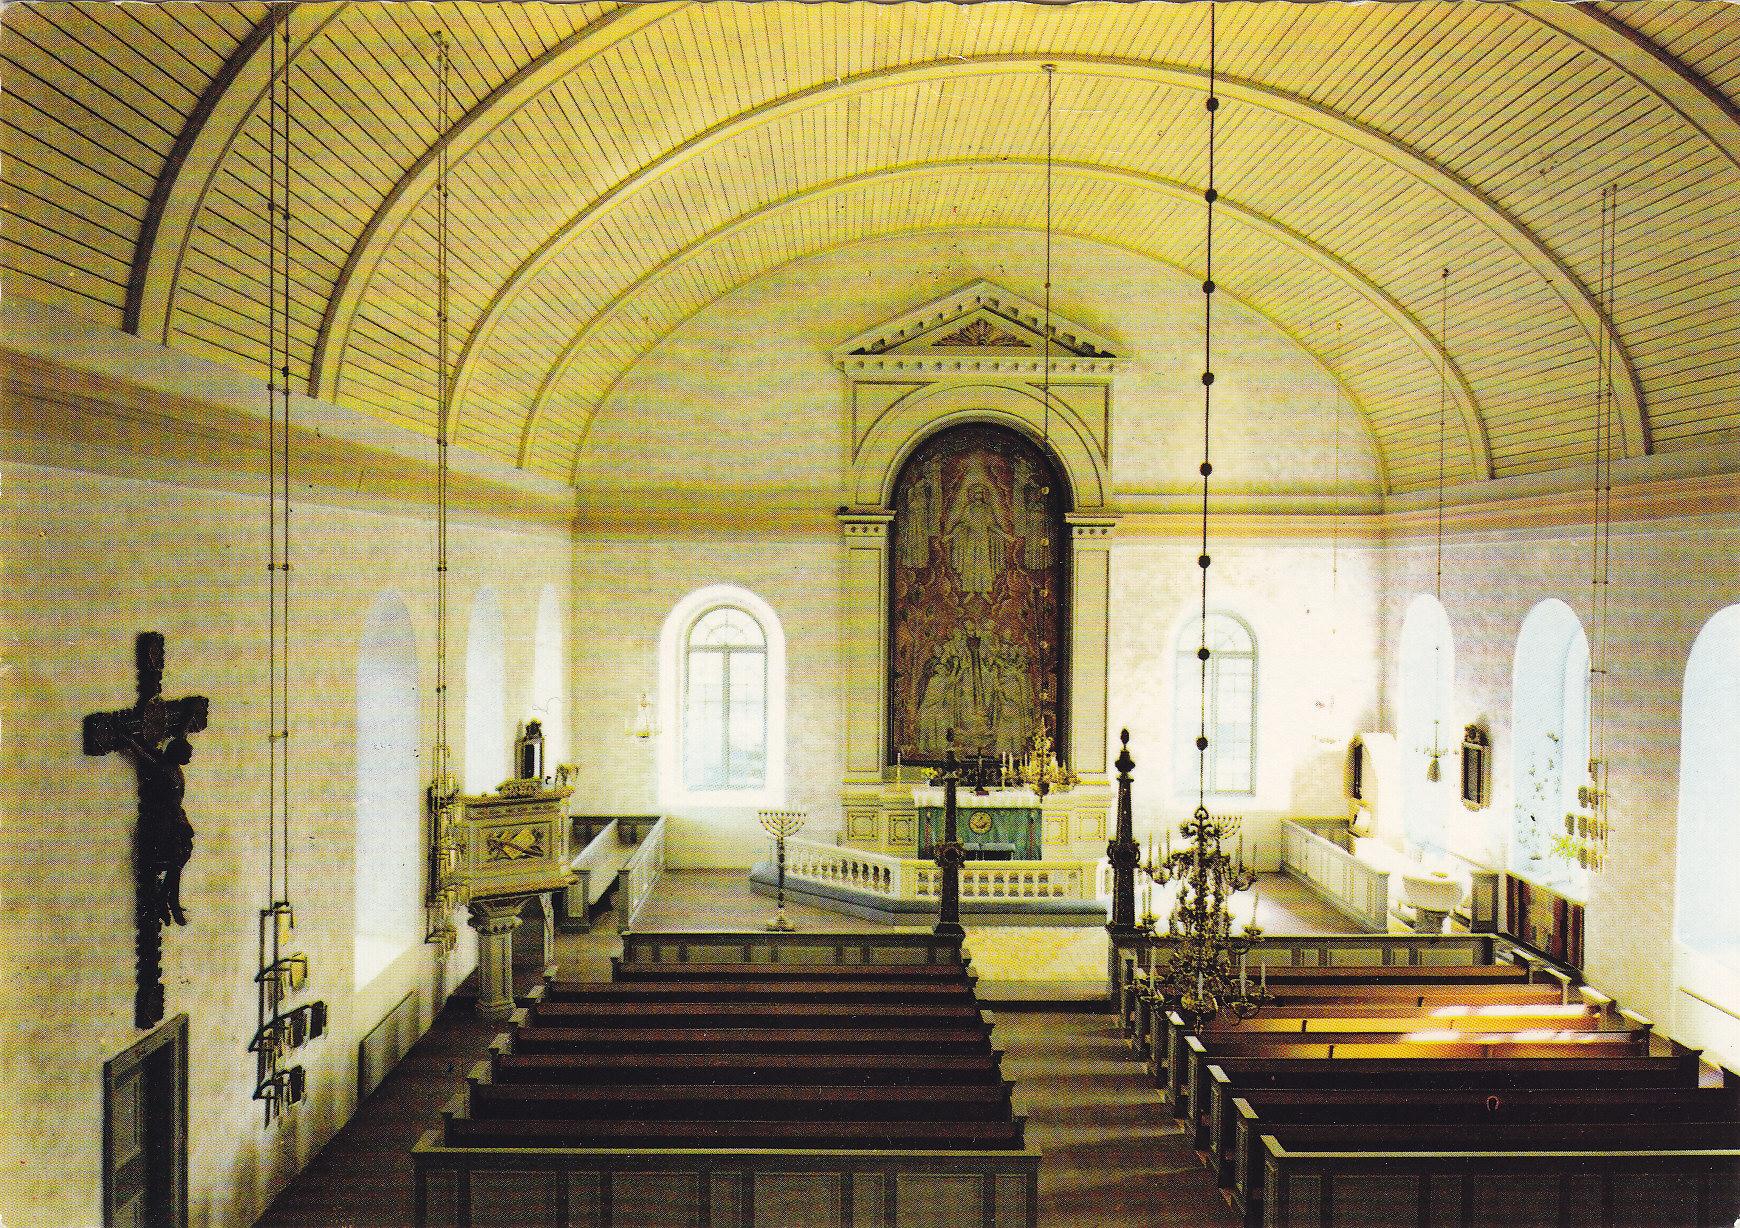 Väddö kyrka. De främre fönstren öppnades 196/70